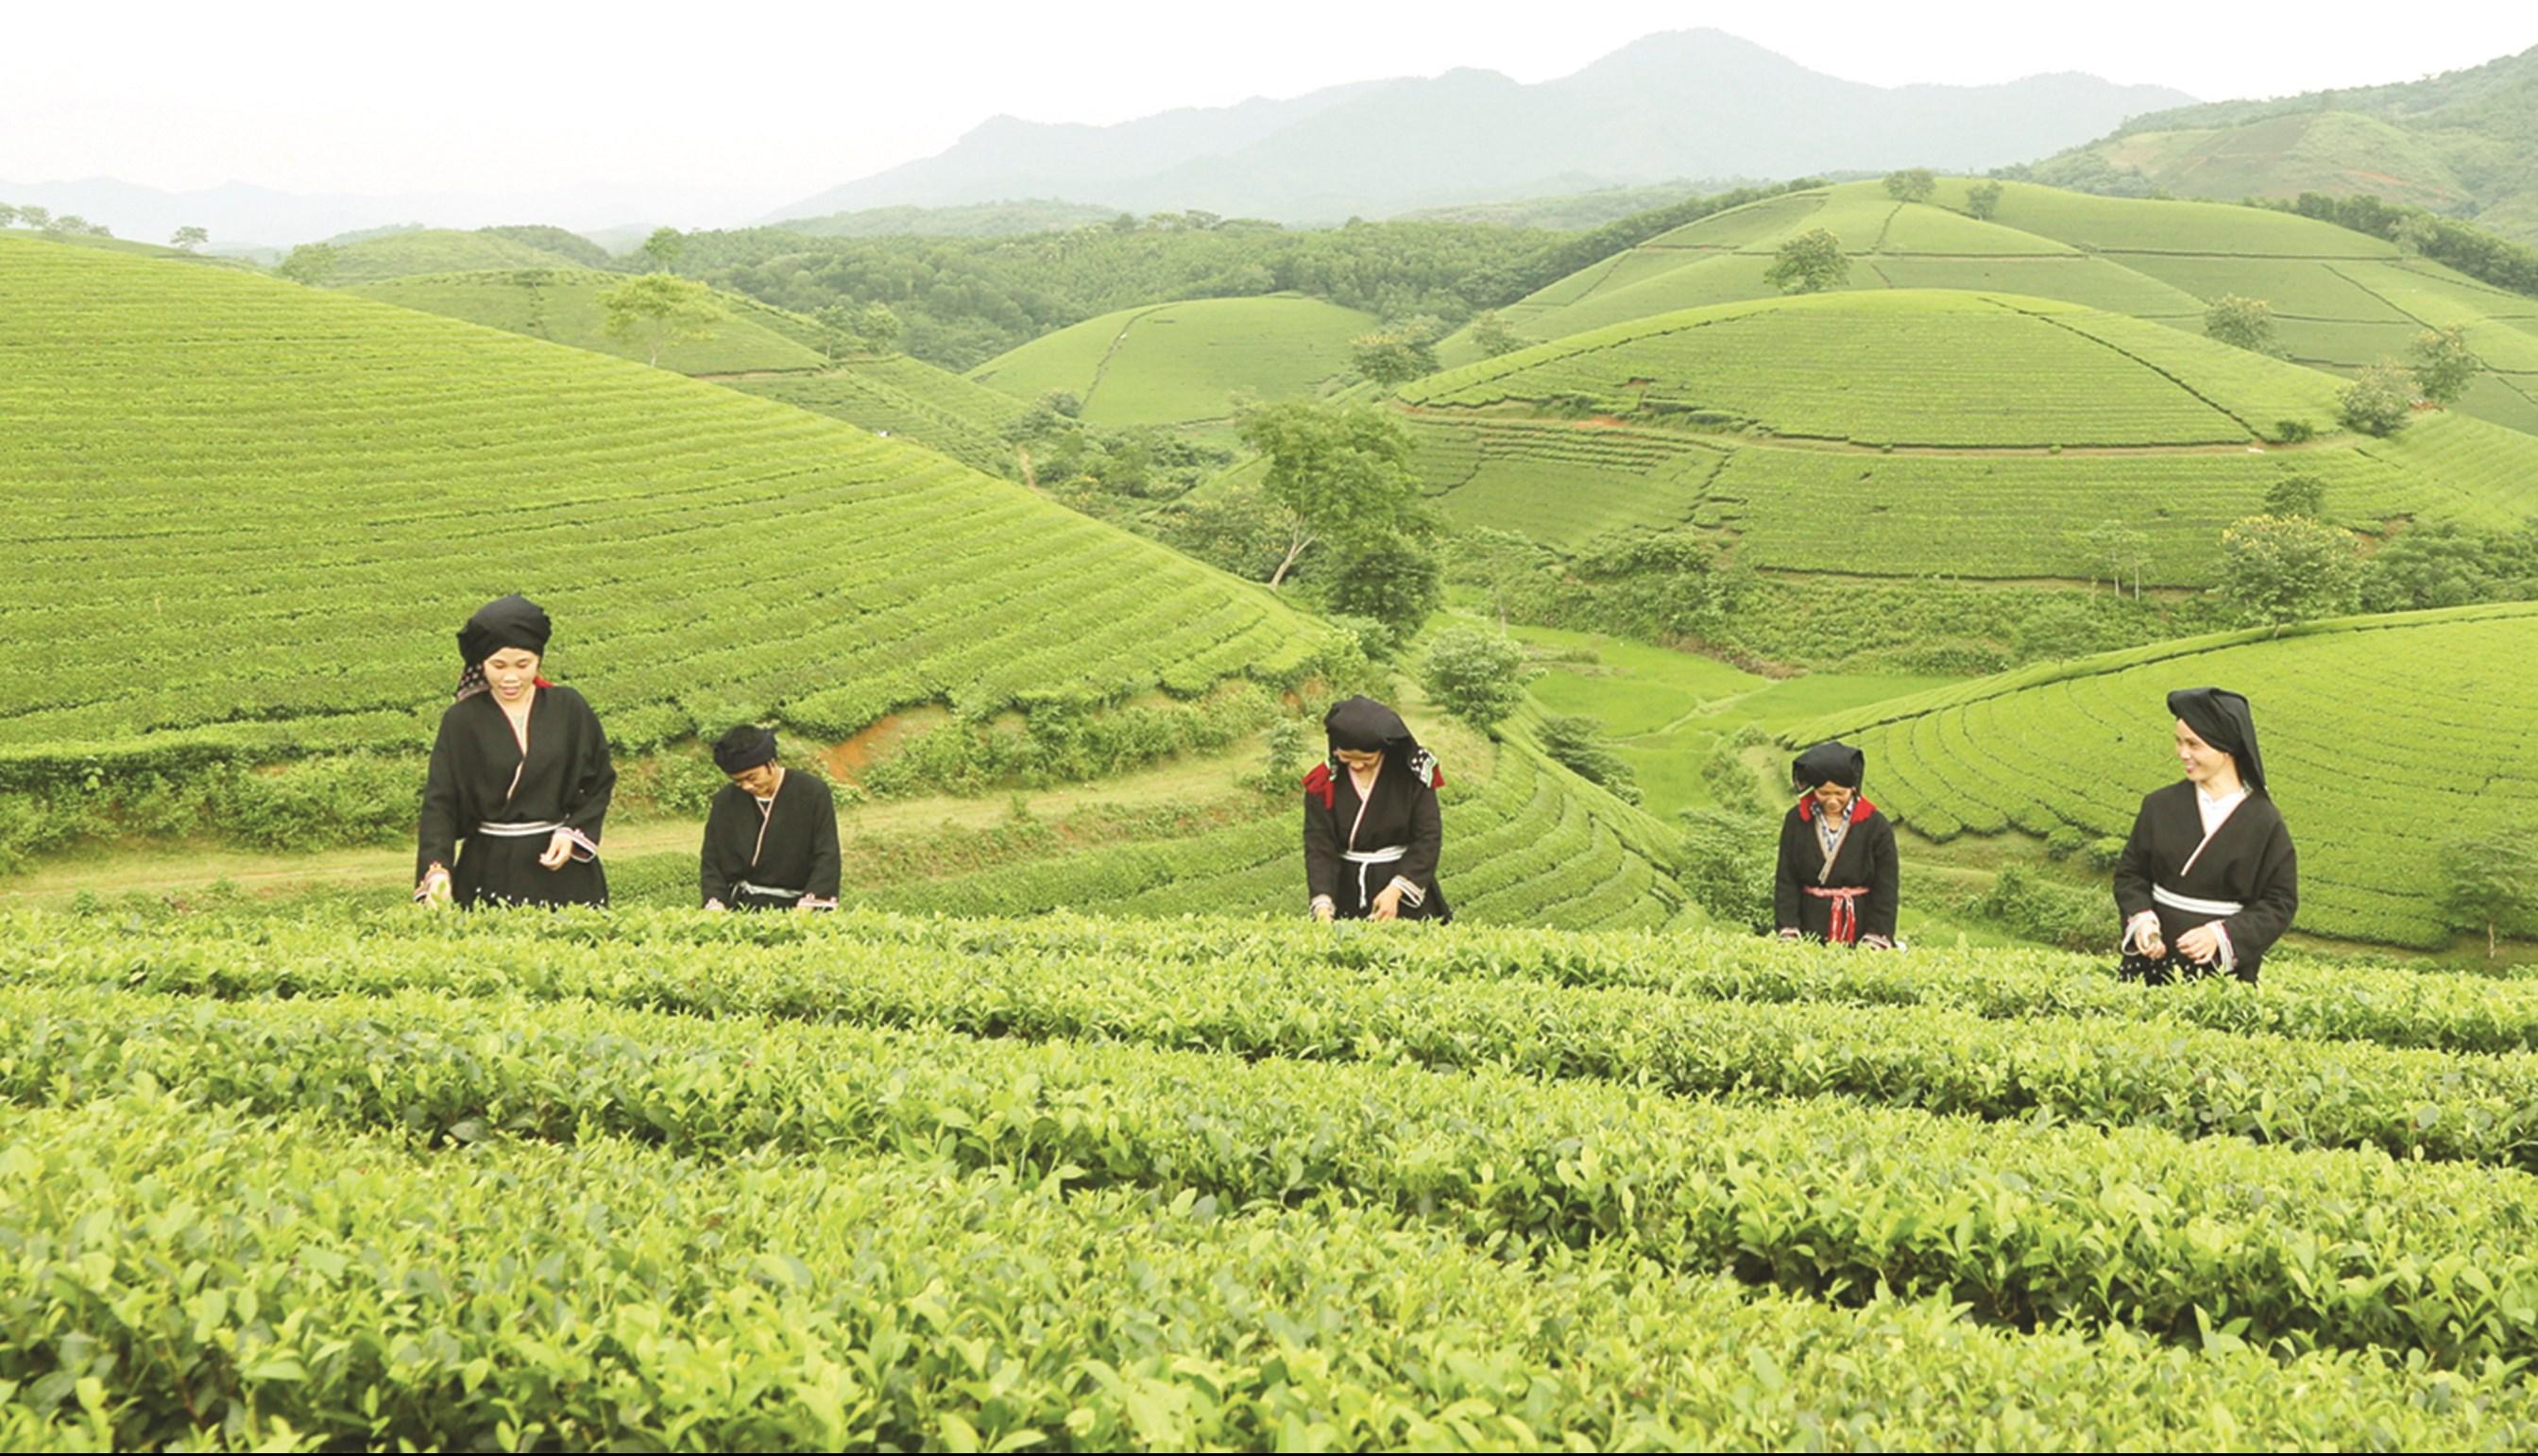 Sản xuất trà xanh chất lượng cao mang lại thu nhập cao cho đồng bào DTTS tỉnh Phú Thọ.